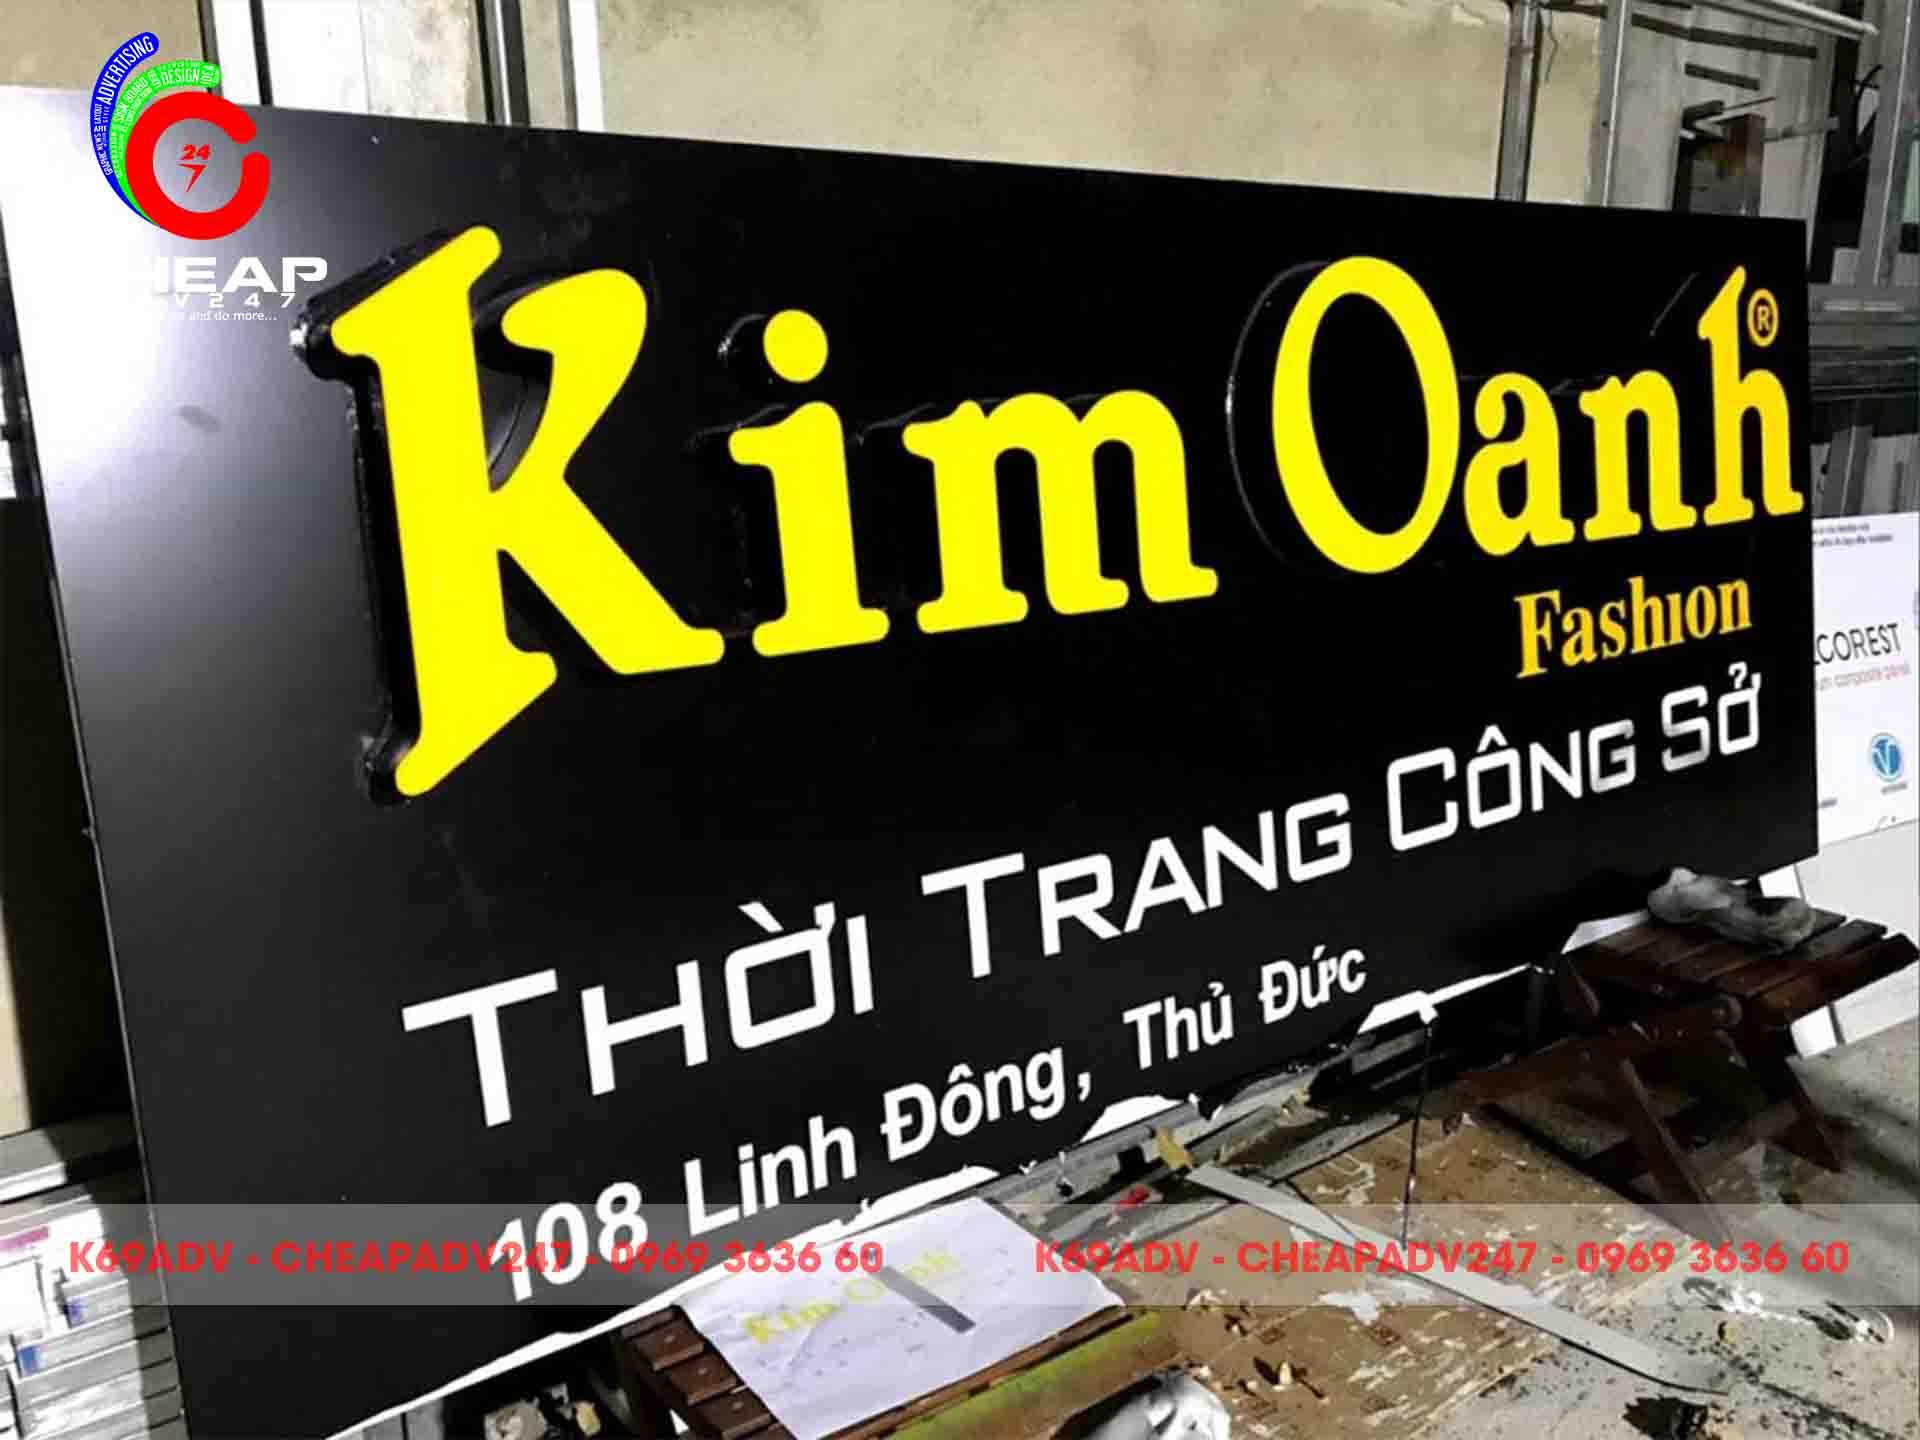 lam bang hieu shop cheapadv2471